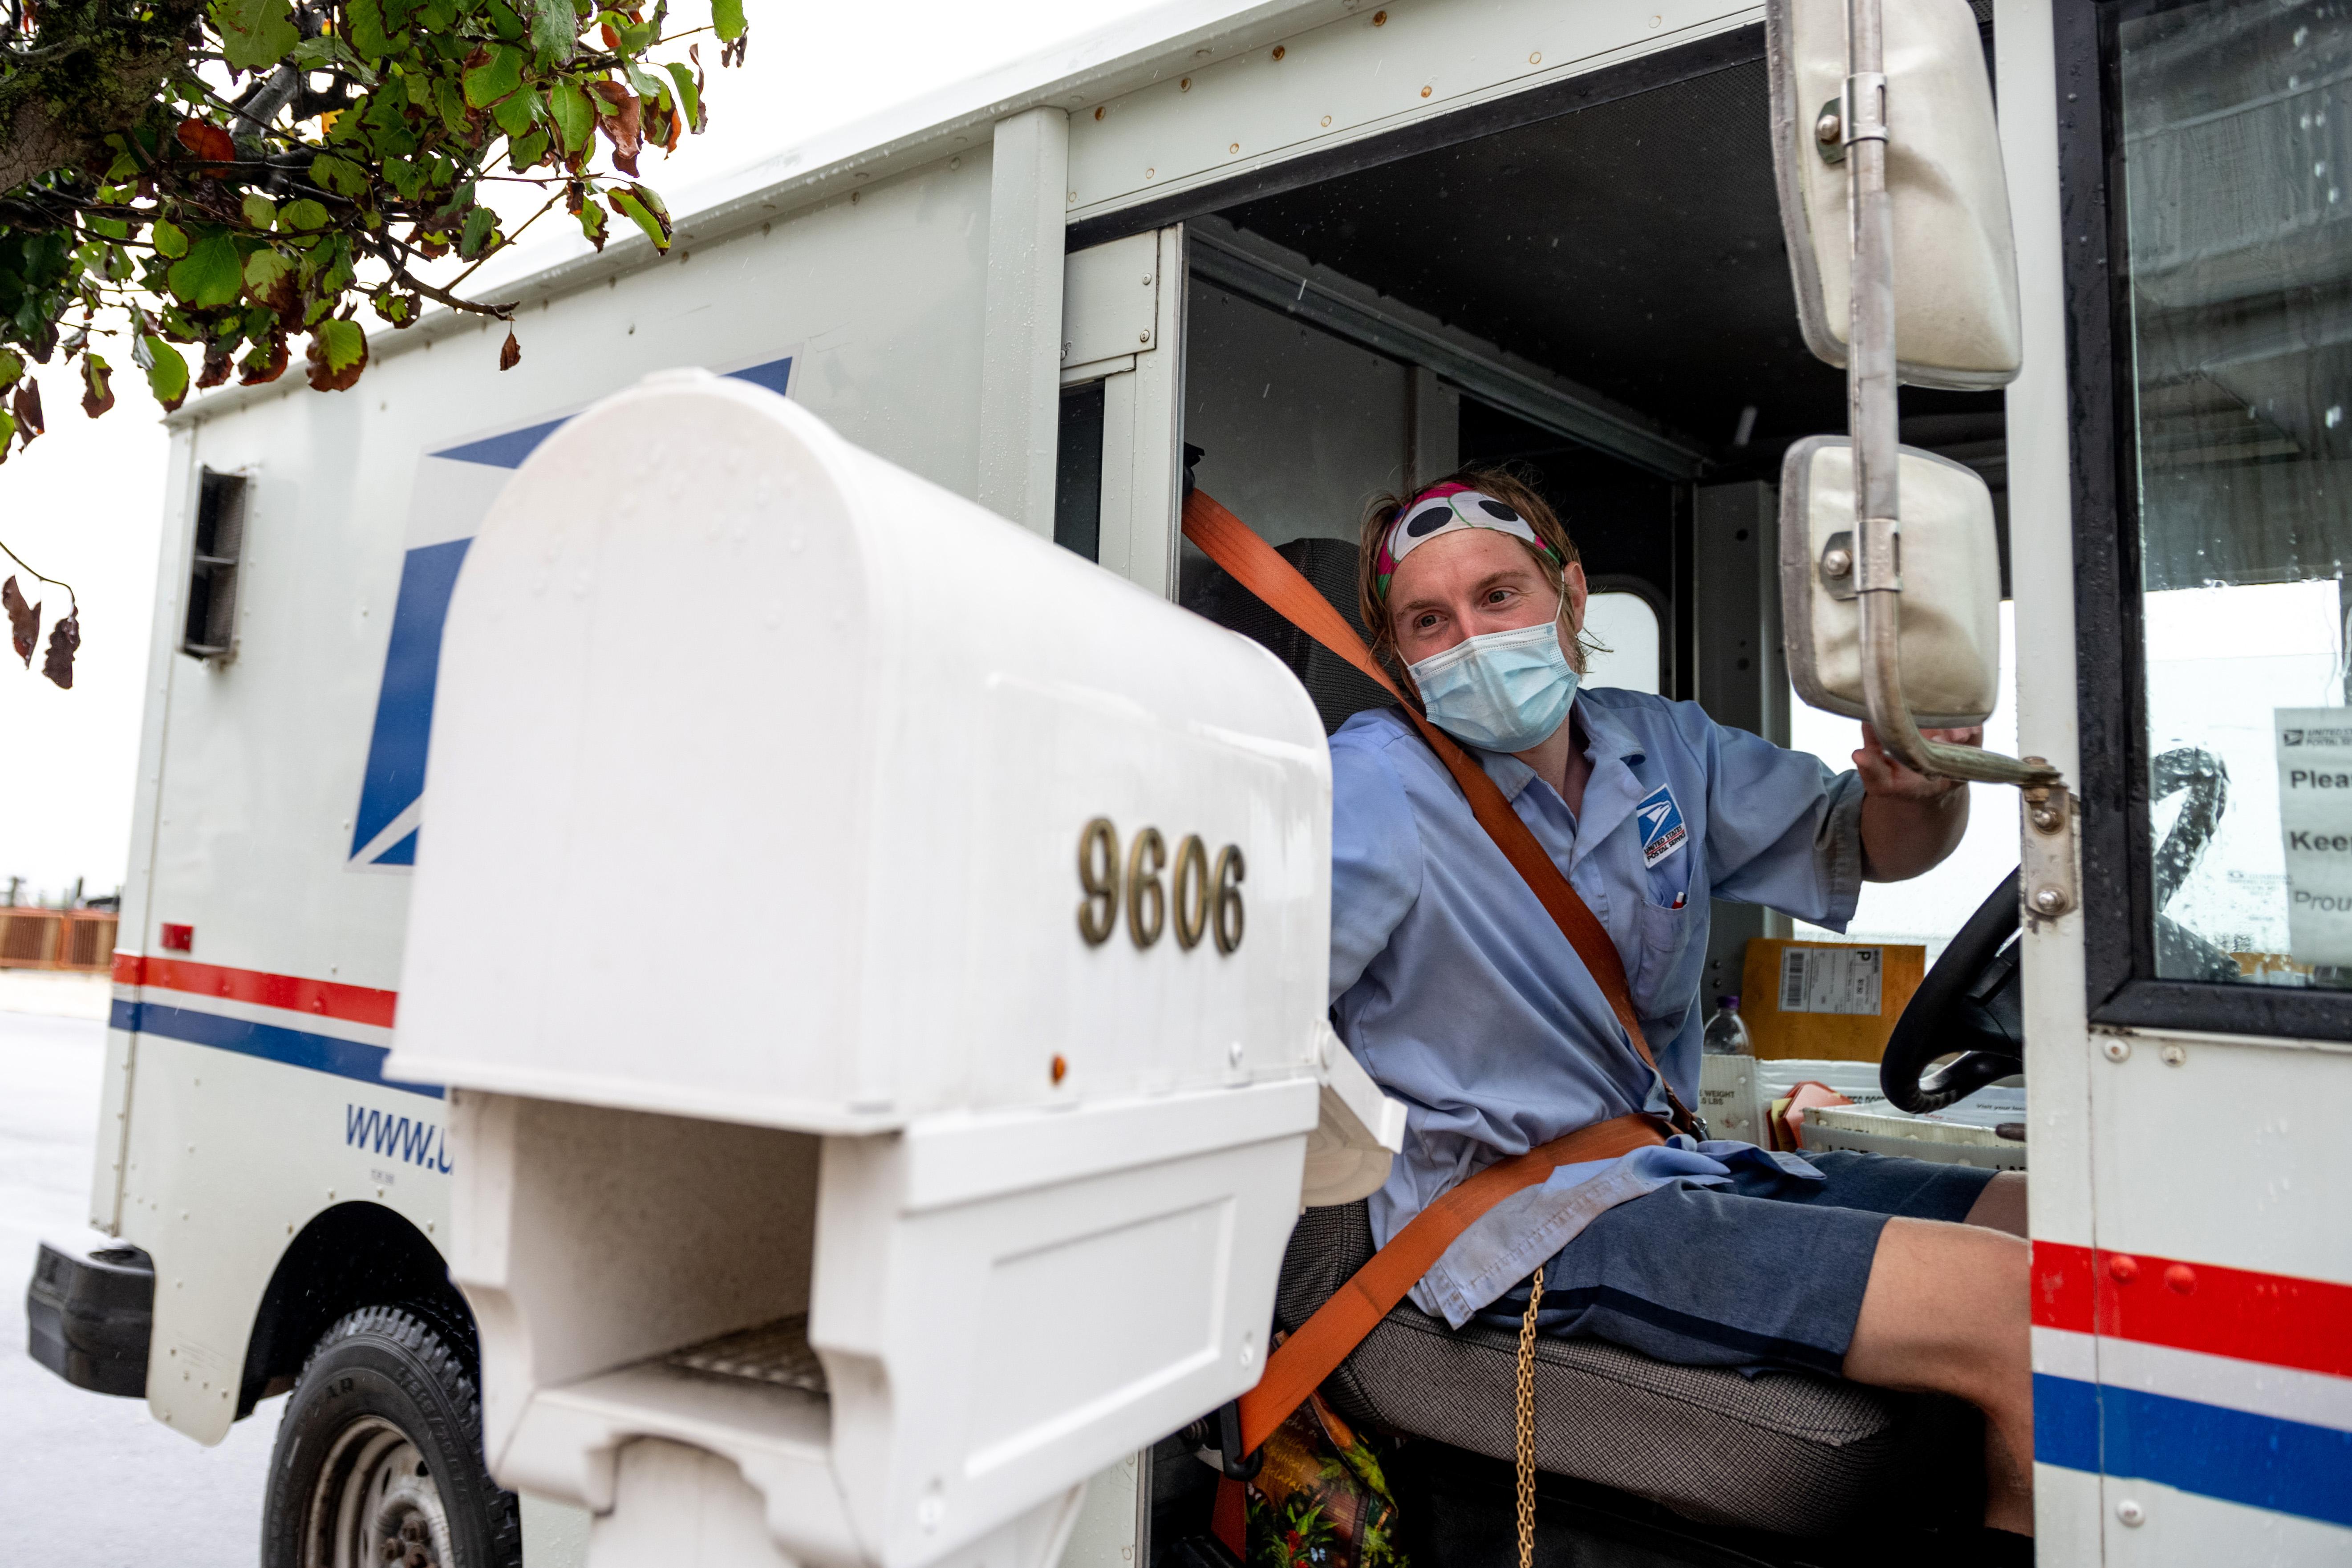 Postal worker in mask delivering mail